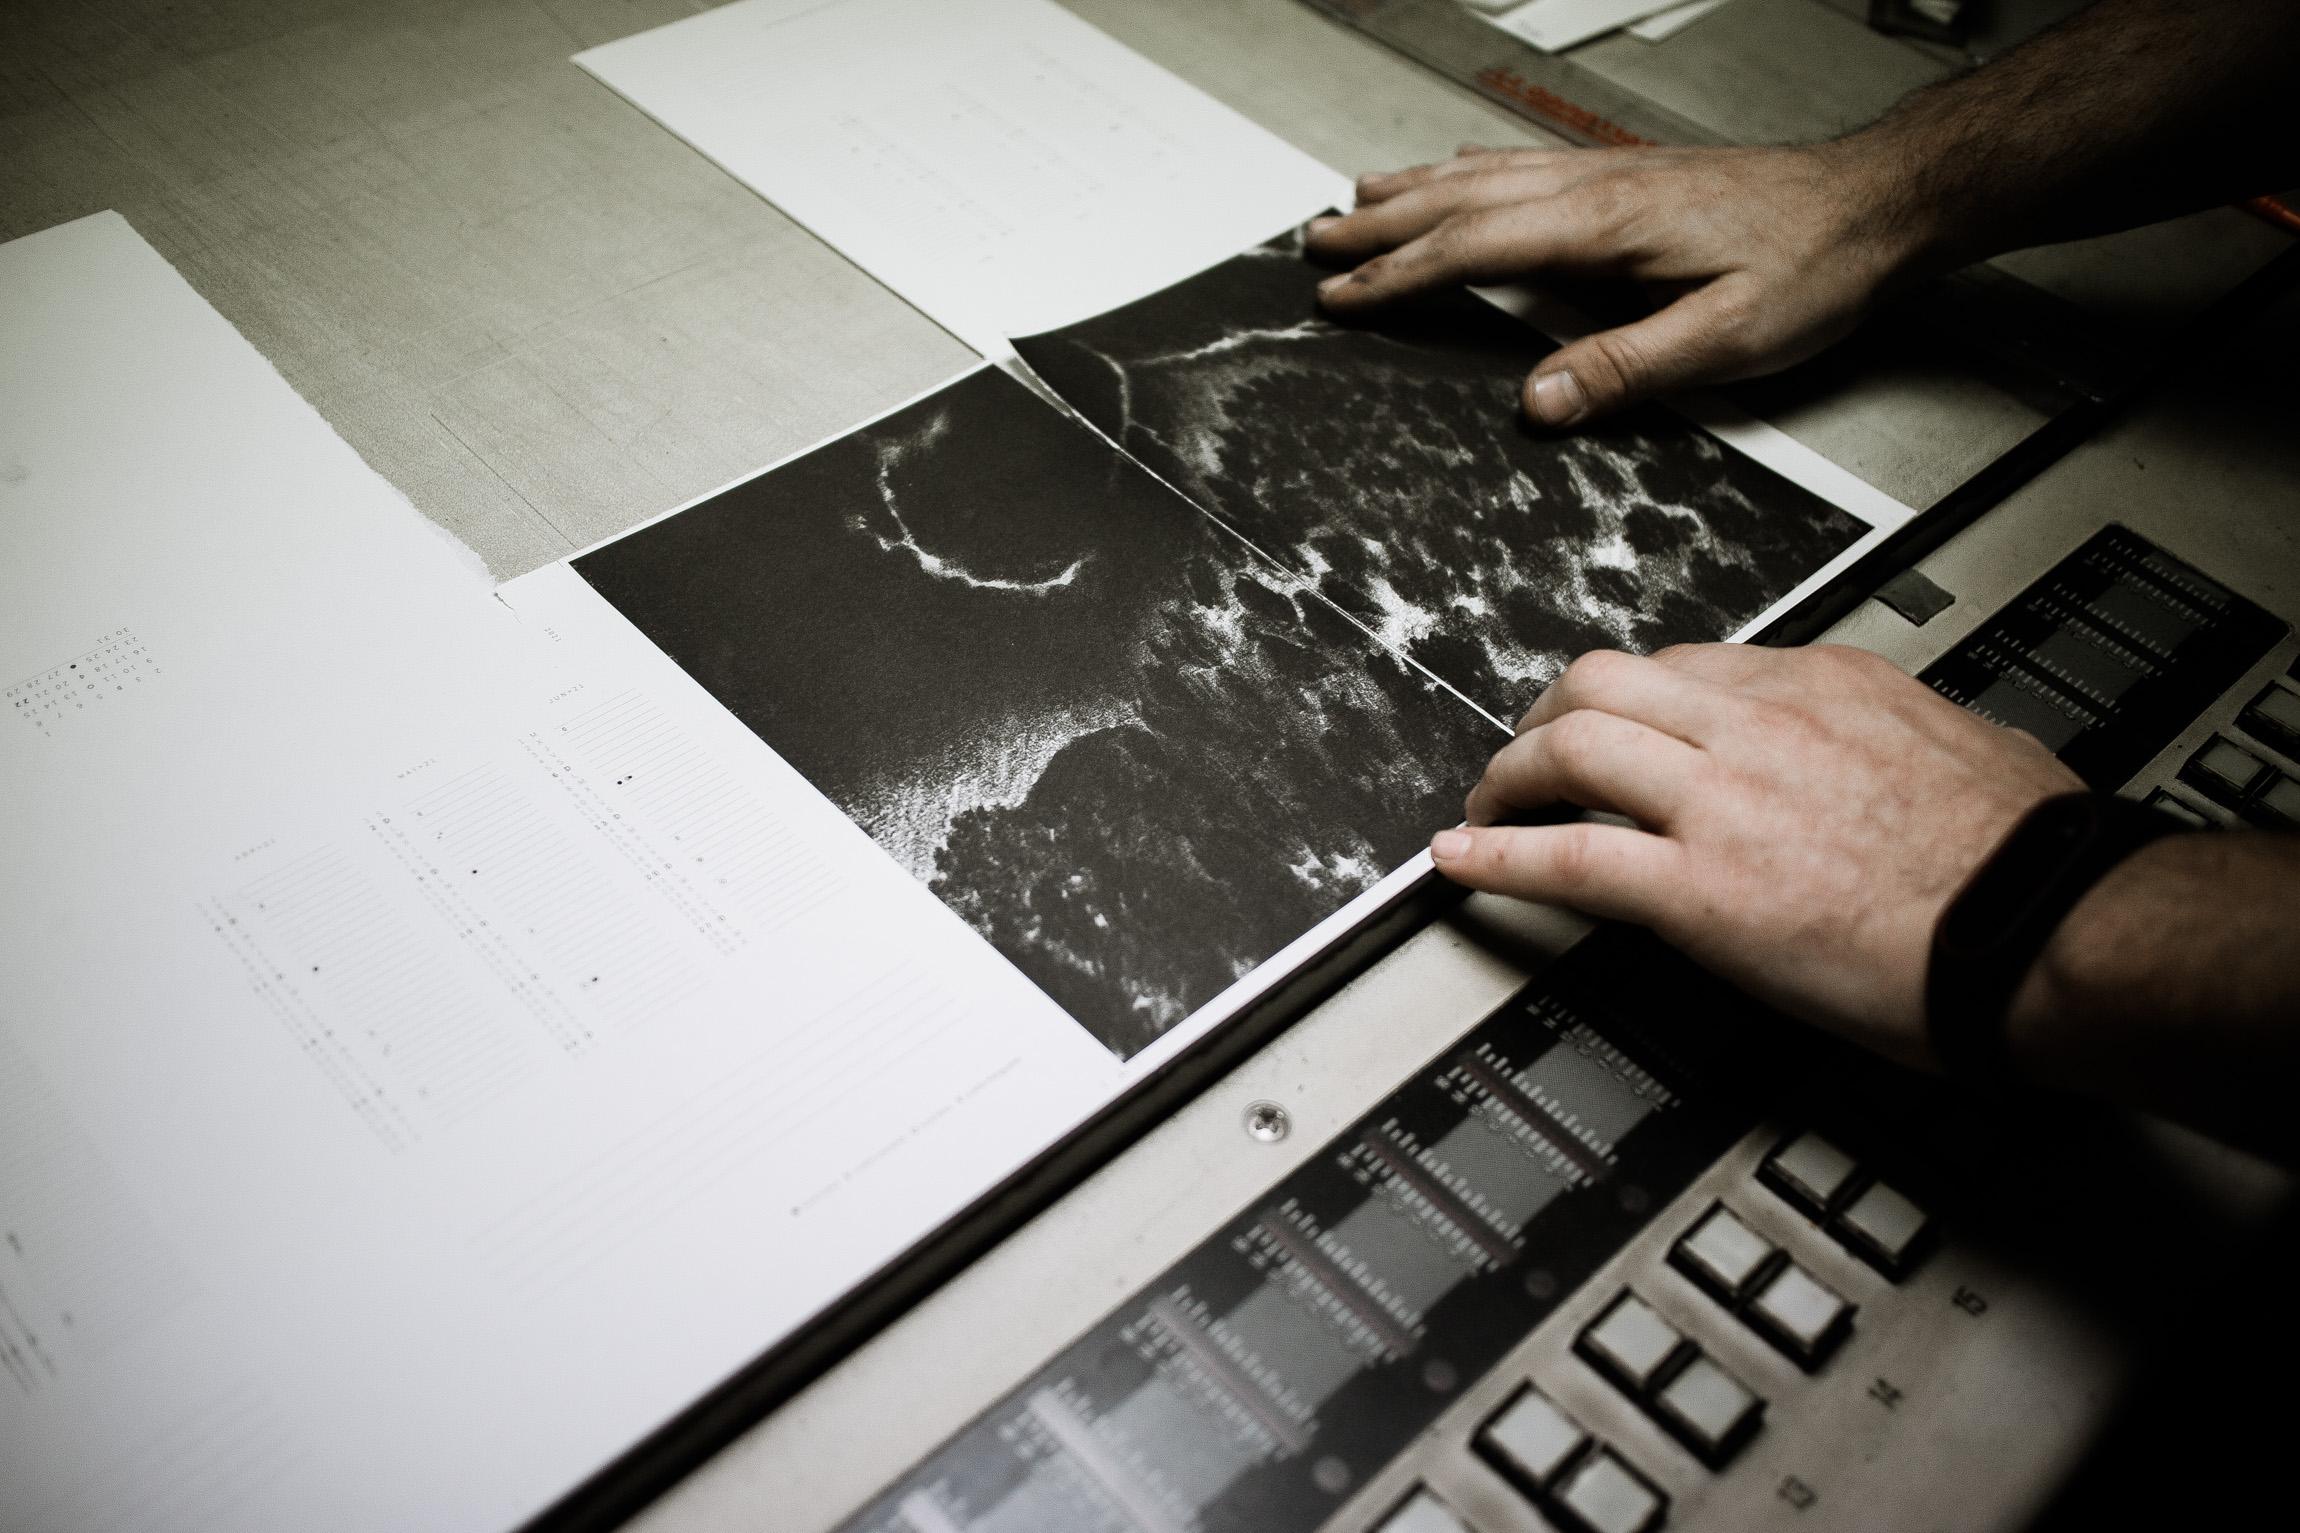 porceso de impresión offset de la agenda Bosque